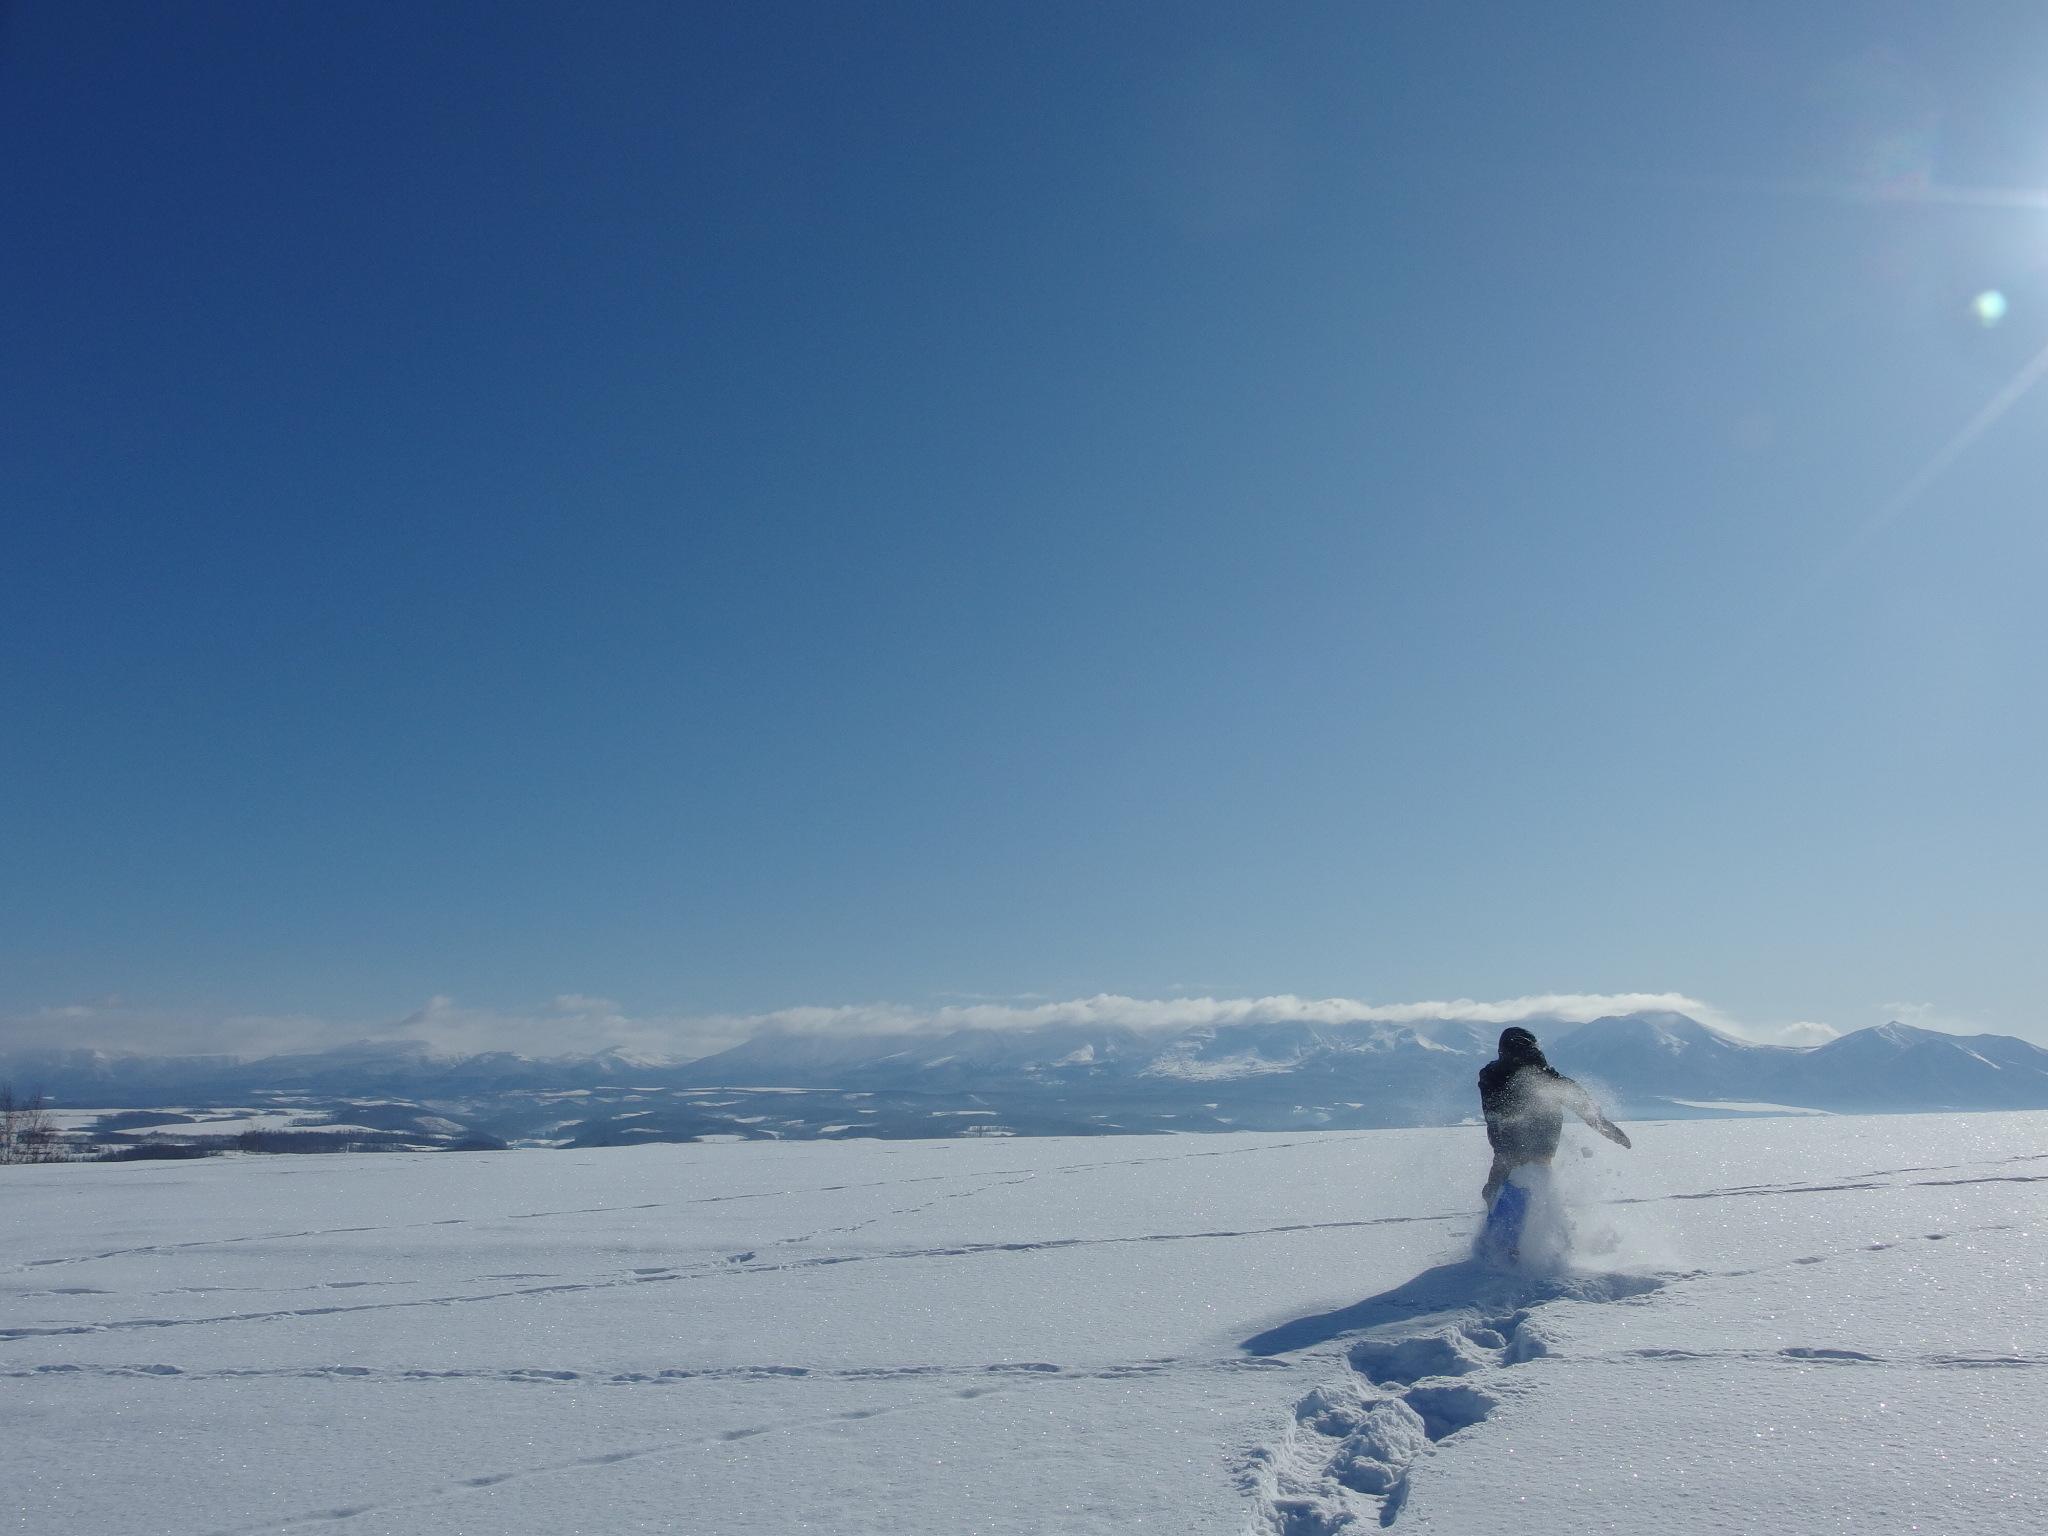 雪原の一番高い場所に着きました。